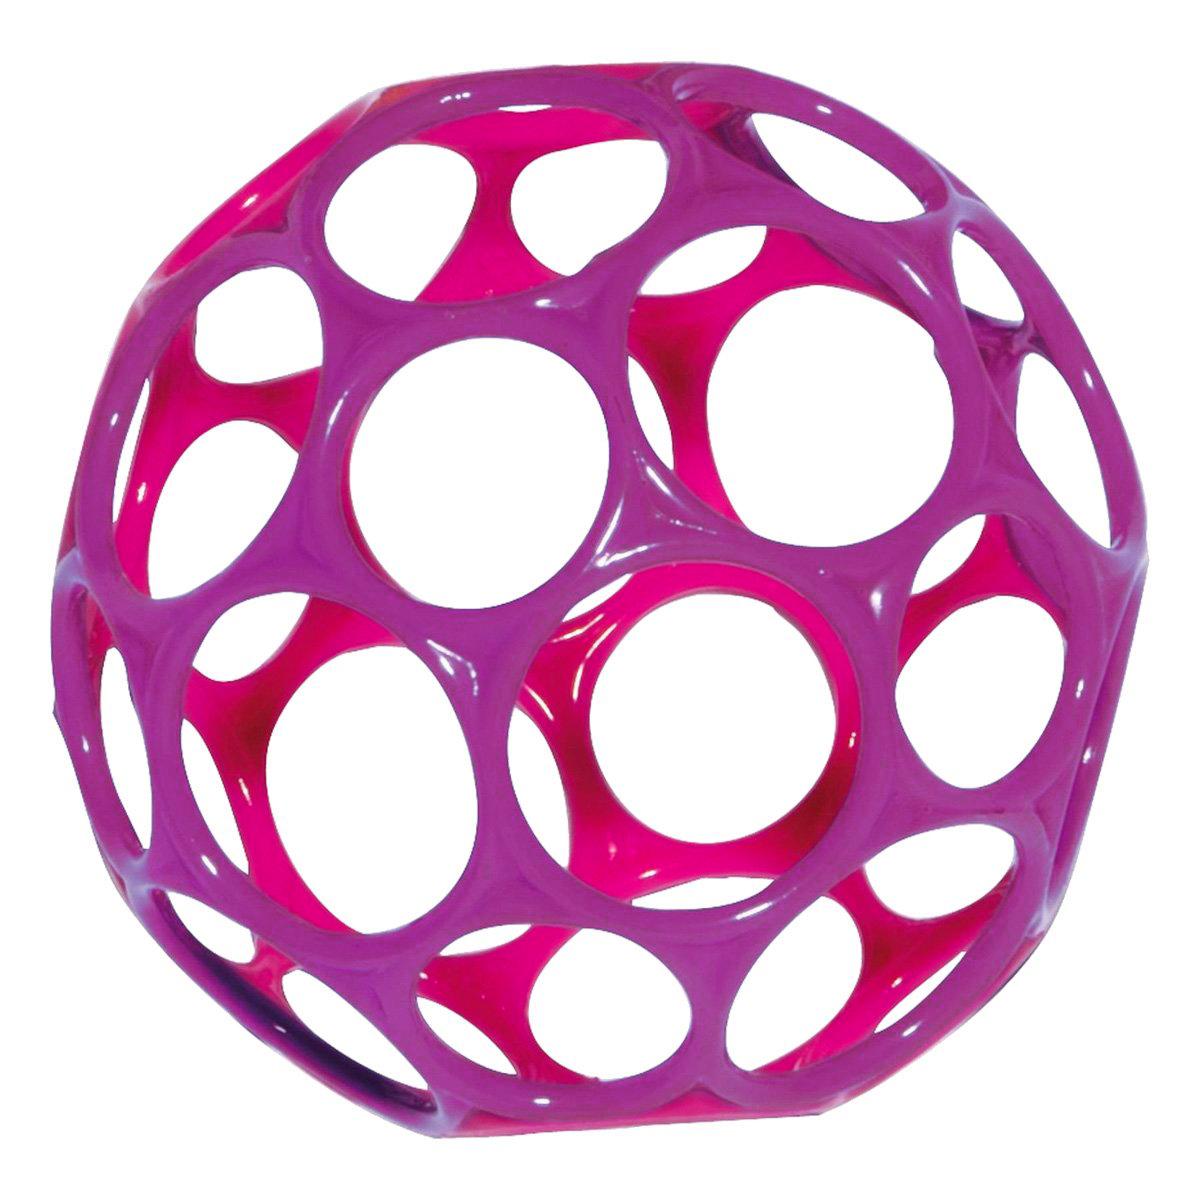 Oball Игрушка развивающая Мячик цвет фуксия розовый81024Универсальный мячик Oball станет для вашего ребенка любимой игрушкой. Выполнен из мягкого пластика ярких цветов. Мяч имеет 32 отверстия для пальчиков, что делает его легким и позволят даже самому маленькому крохе поднять и удерживать. Киньте мячик, и малыш с легкостью его поймает. Его можно растягивать и сжимать, тренируя ручки ребенка и развивая мелкую моторику. Оригинальность материала и формы создают новый необычный инструмент для развития малыша, а положительные эмоции только усилят эффект.